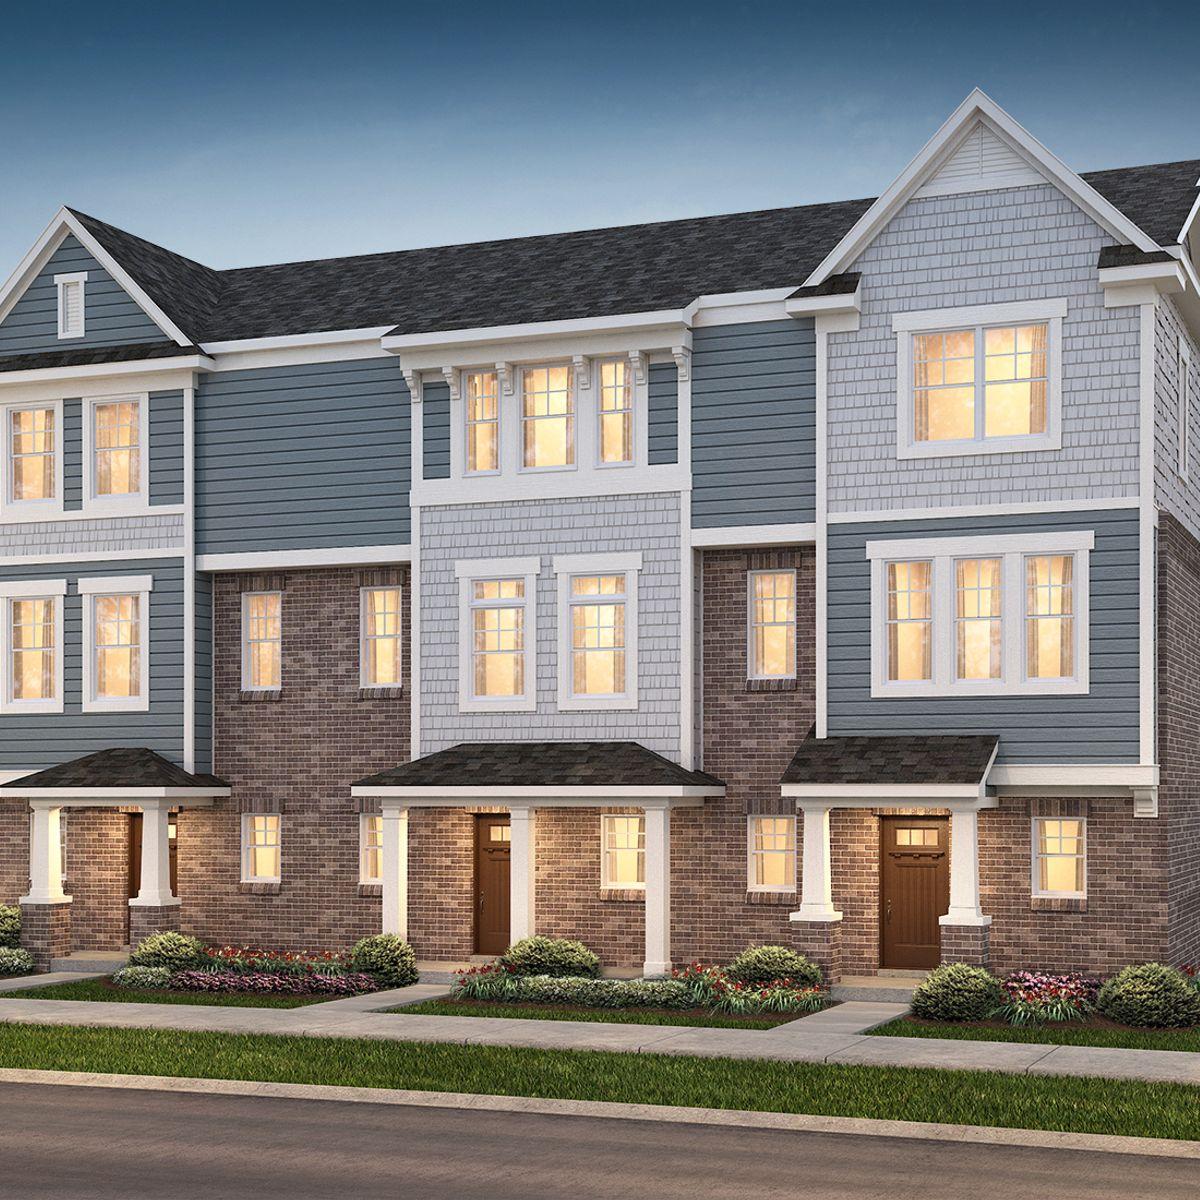 3 unit town home building